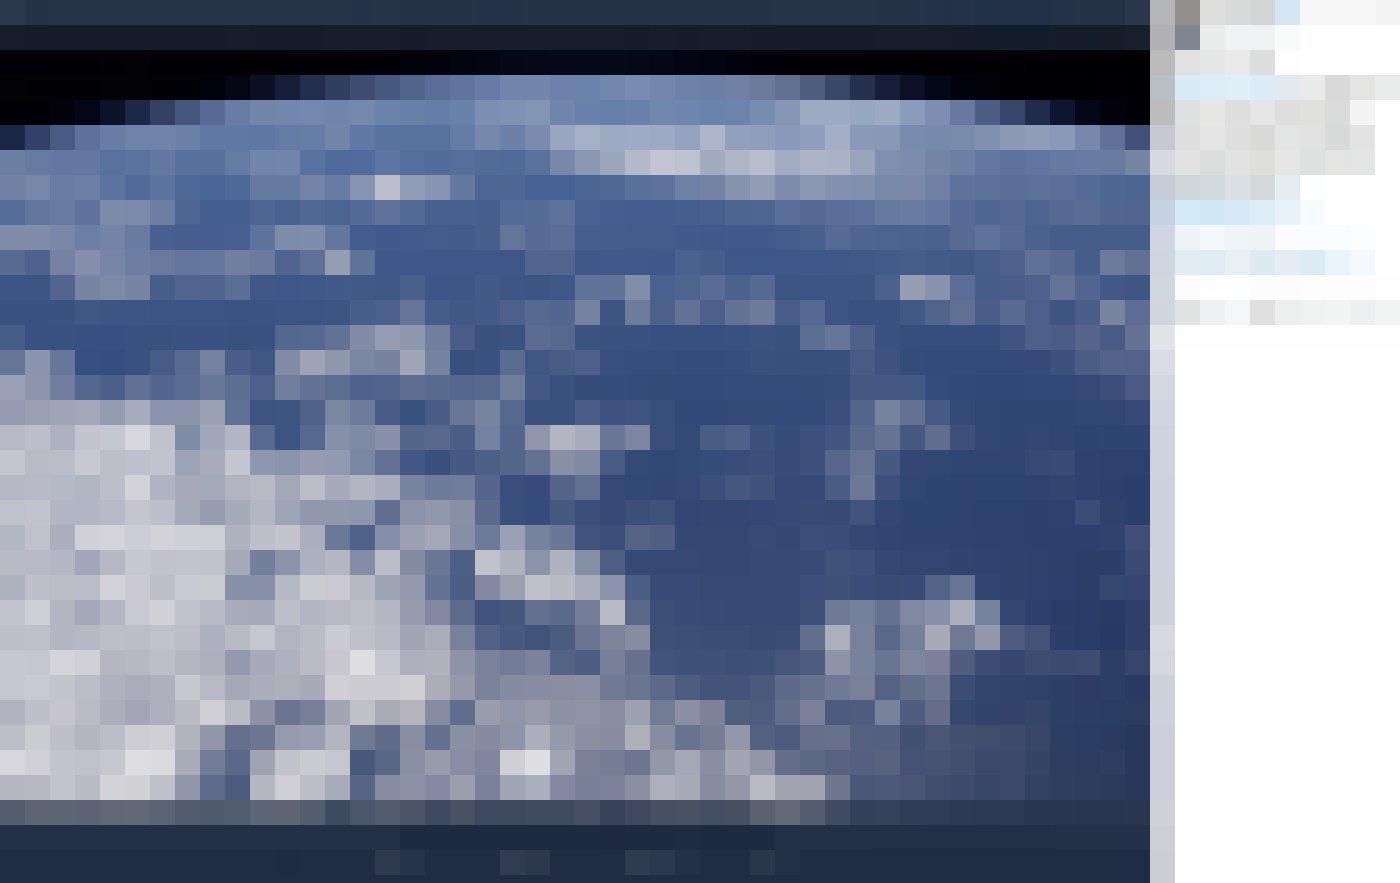 """Zu sehen auf diesem Bild ist ein endlos erscheinendes Meer. Die Meeresbiologin und Astronautin Jessica Meir schreibt dazu in ihrem Tweet vom 9. Juni 2020: """"Aus unserer Sicht @Space_Station ist es klar, dass unser Planet wirklich ein blauer Planet ist. Erinnern wir uns daran und tun wir unser Bestes, um uns um die Ozeane unseres Planeten zu kümmern."""""""